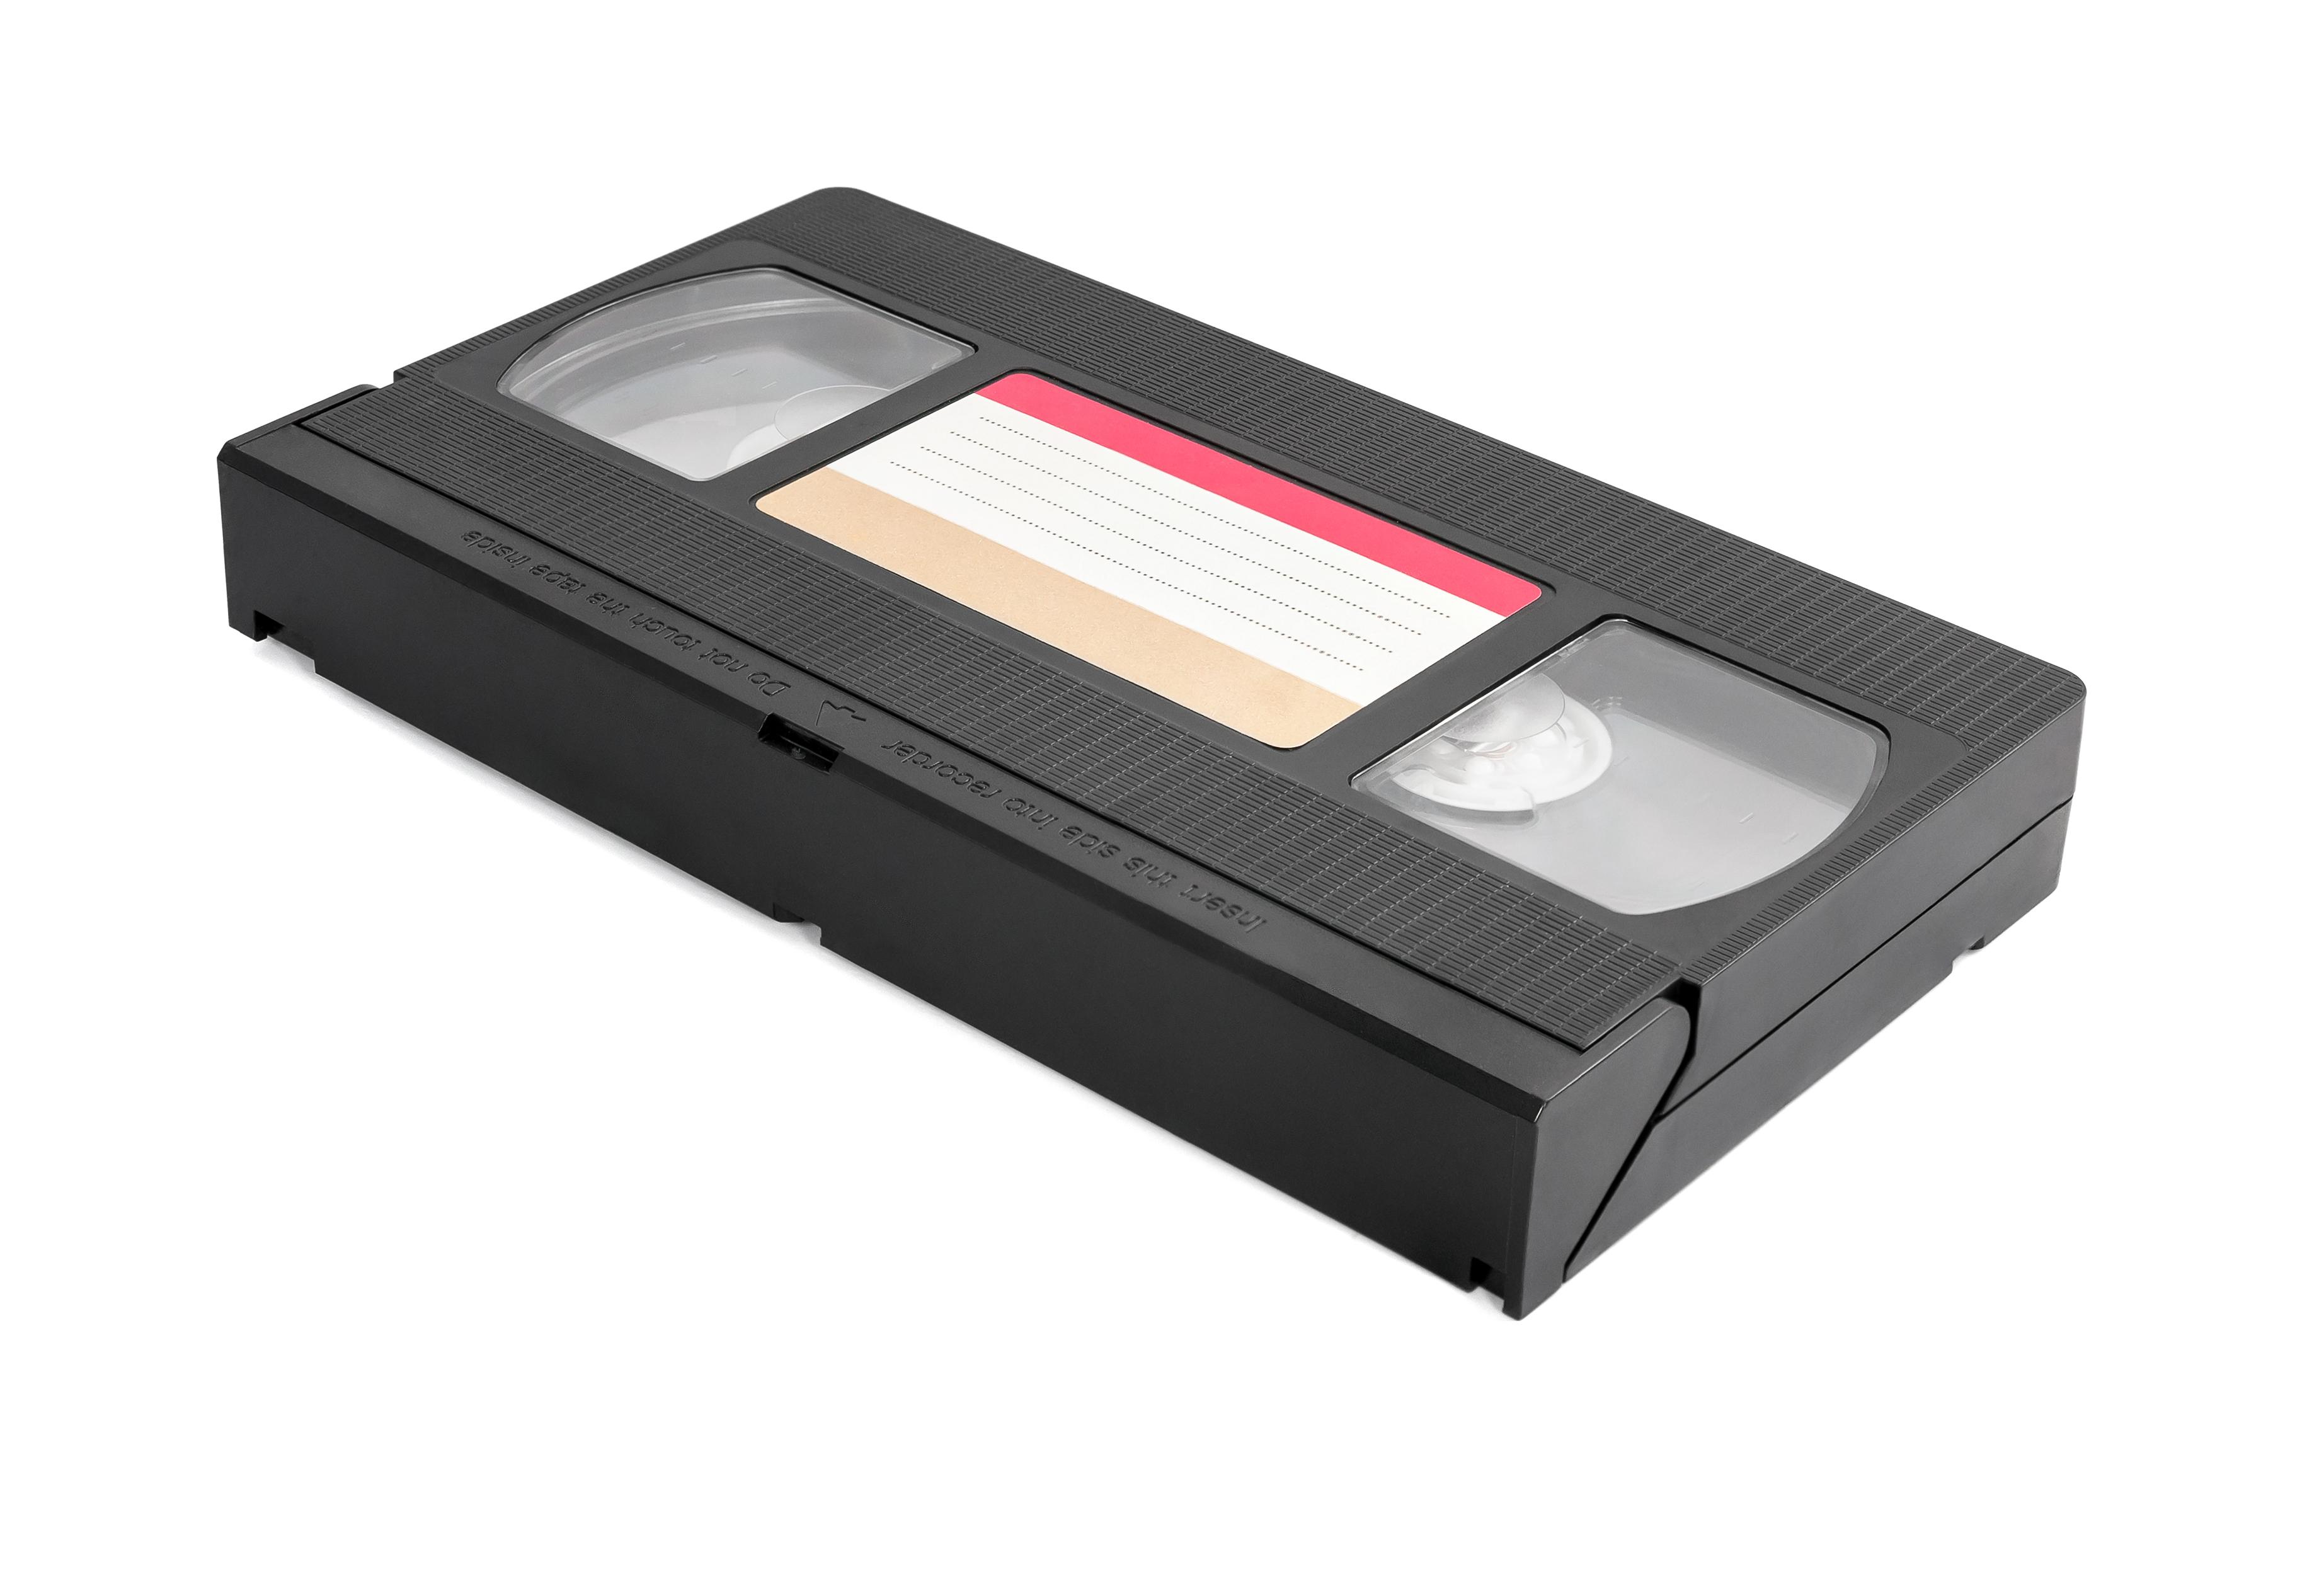 vhs-cassette-on-white-background-PYF5R2B